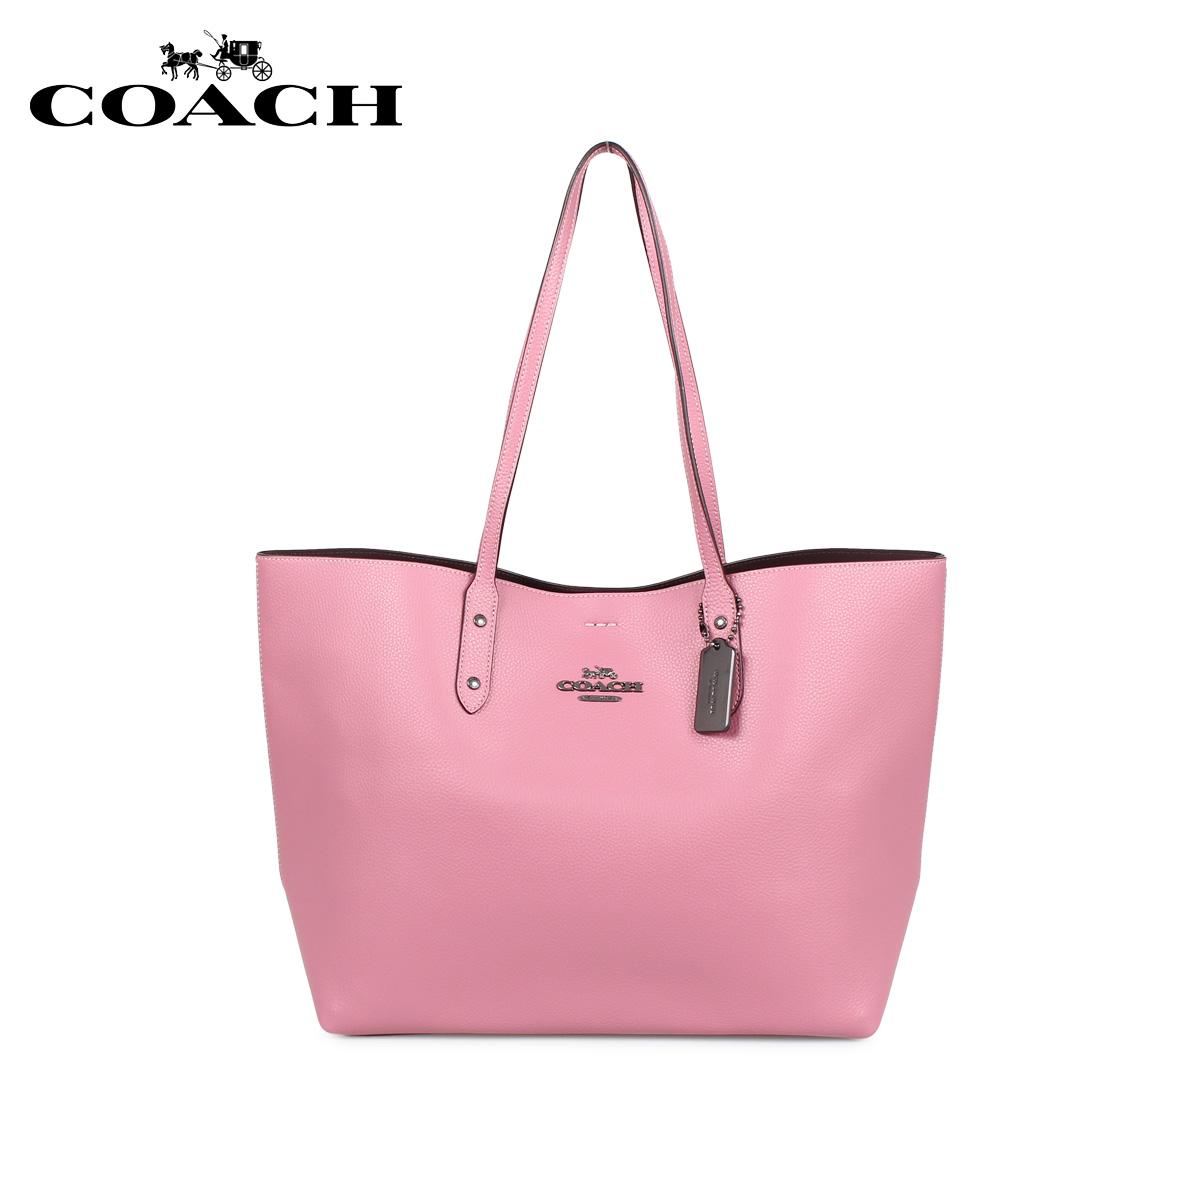 COACH F72673 コーチ バッグ トートバッグ レディース ピンク